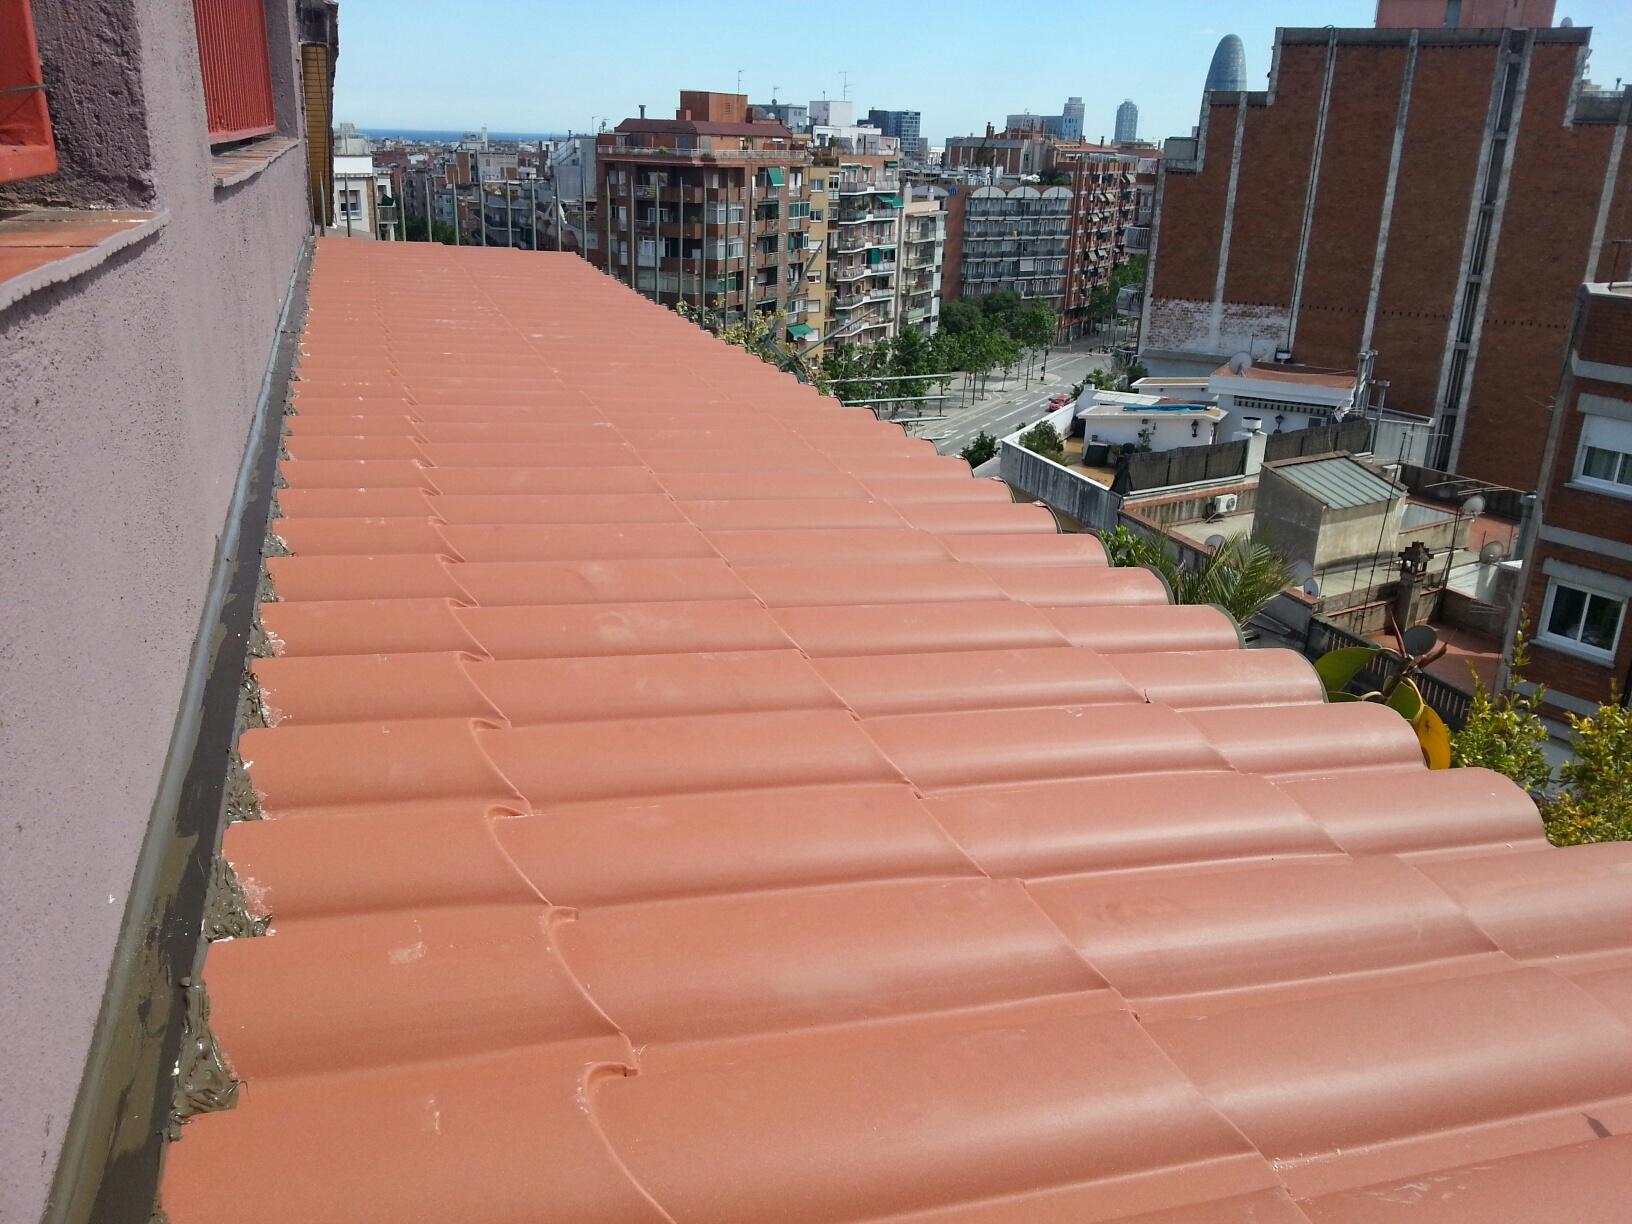 Fabricaci n venta e instalaci n de techos y tejados en - Tejados de chapa ...